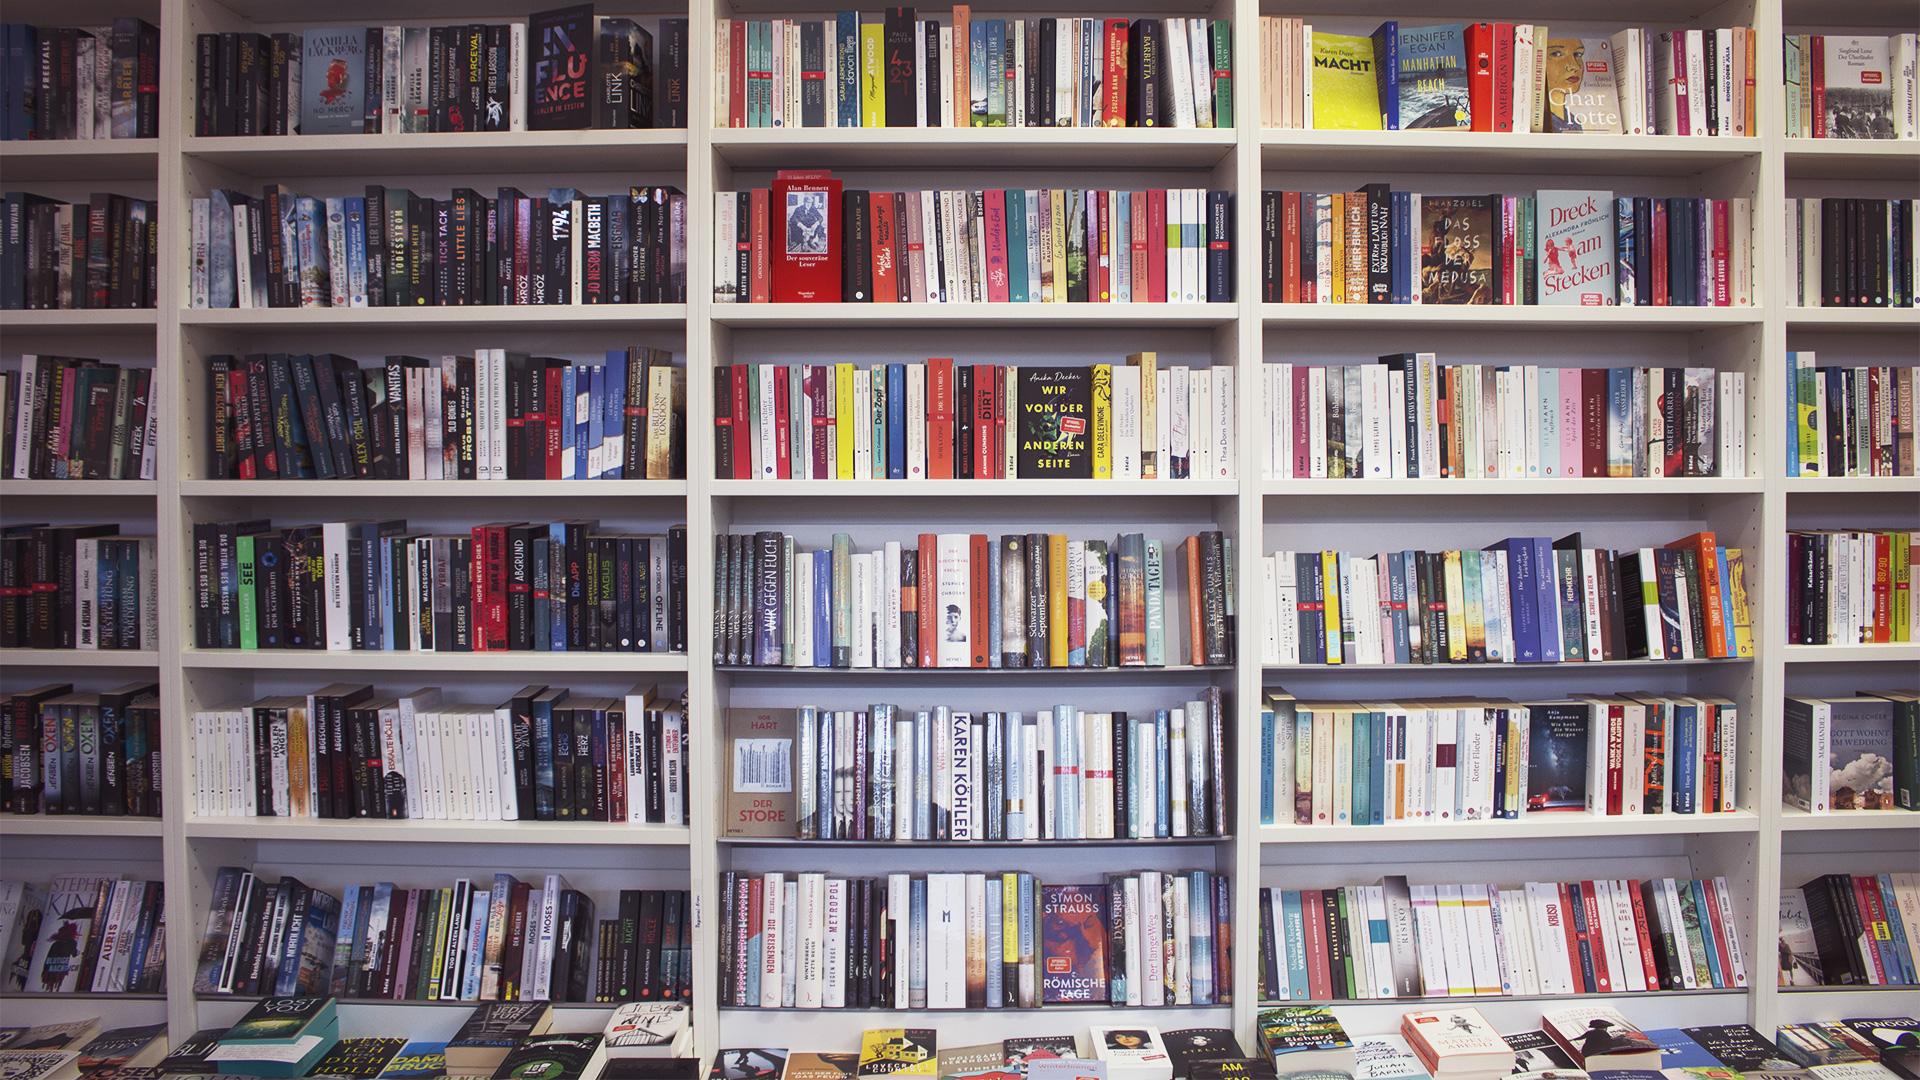 frontal gezeigte Bücherwand mit Krimis, Romanen und historischen Romanen